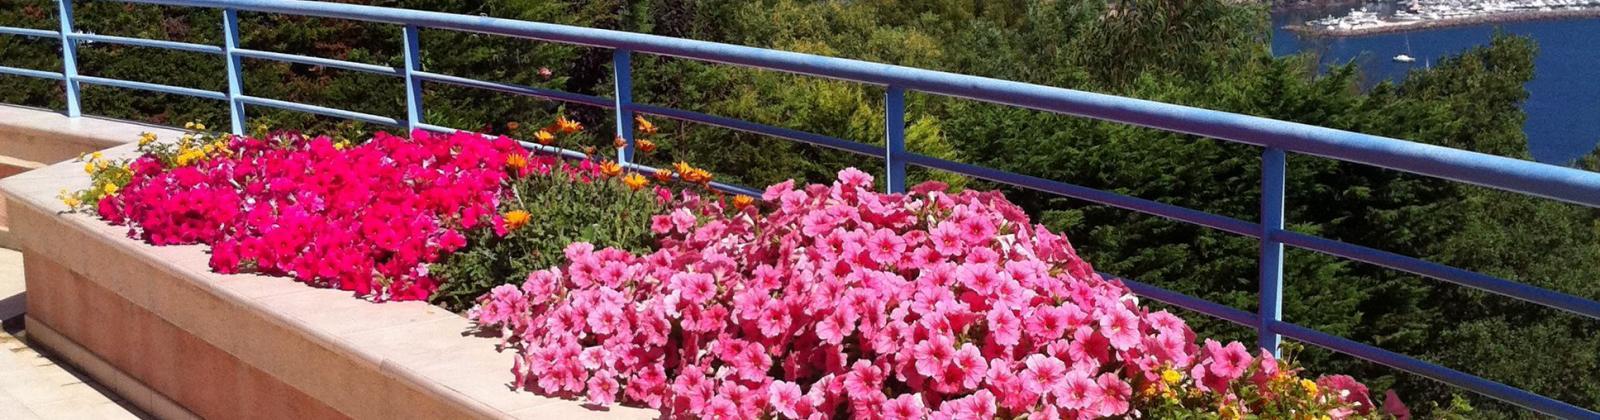 Création de jardinière de balcon et terrasse